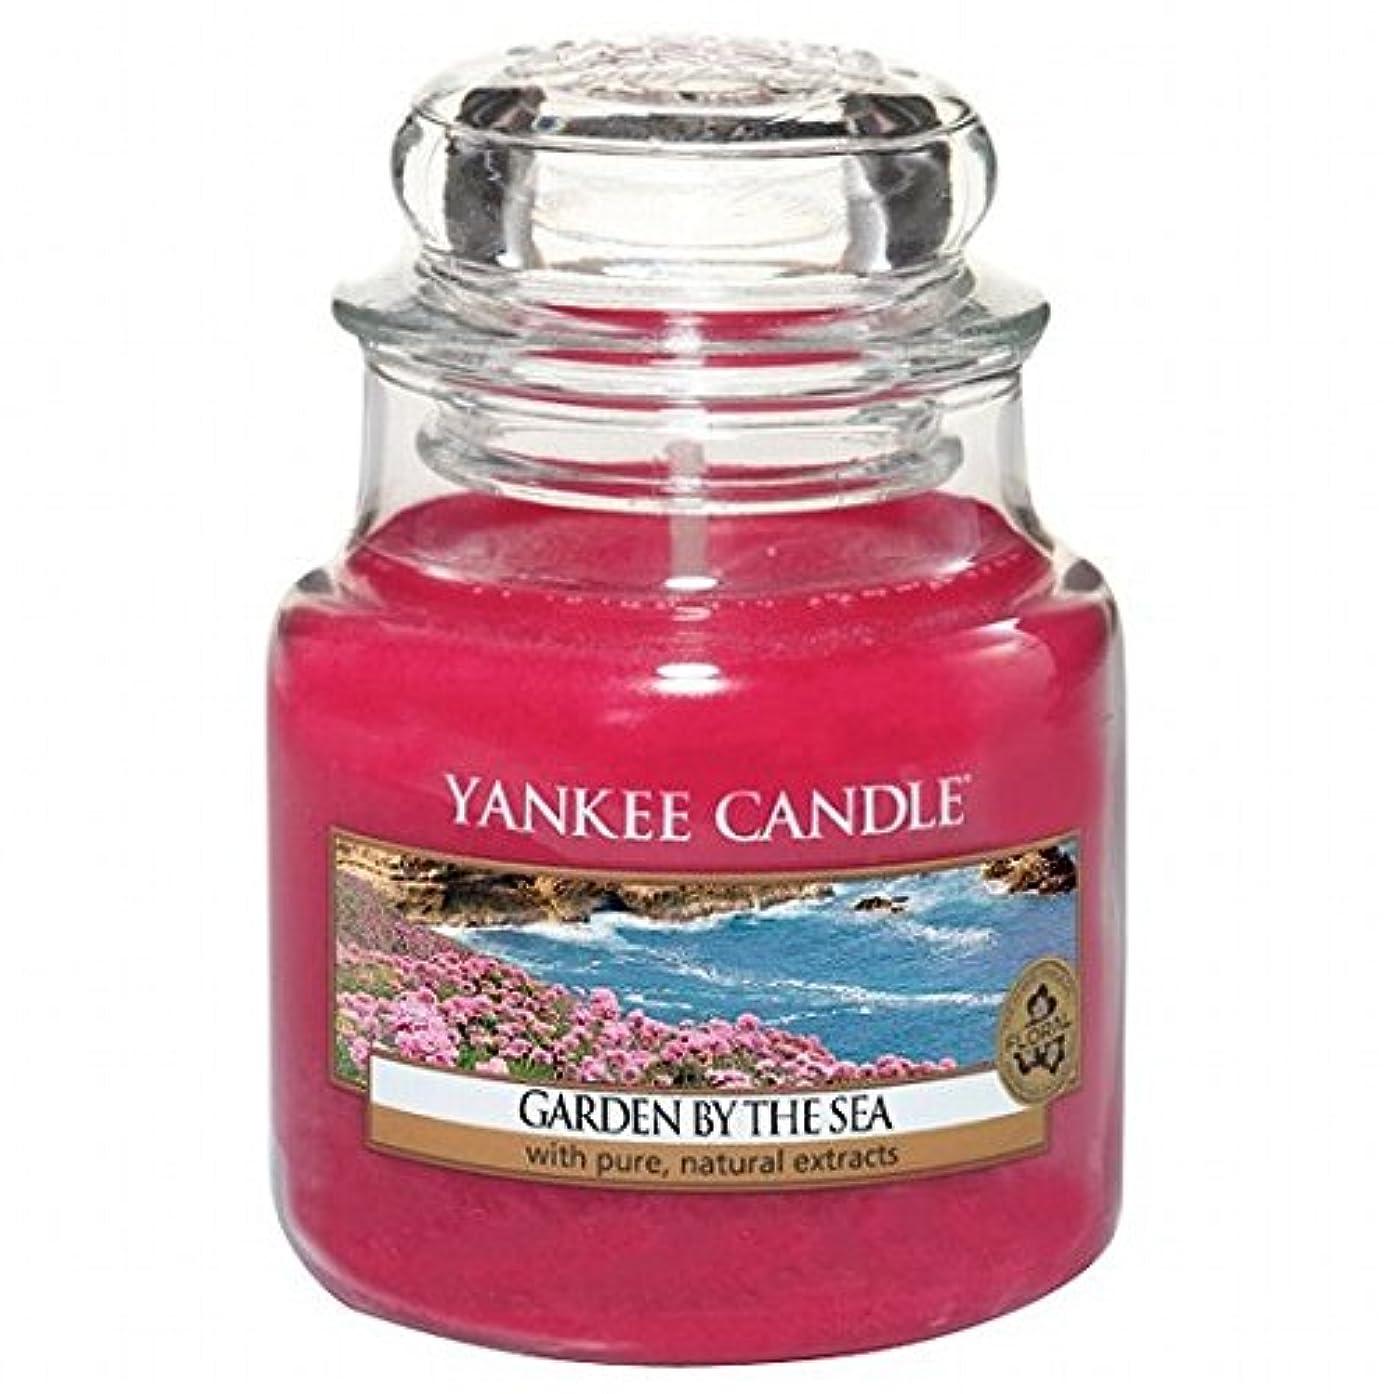 クライアントシルク割れ目ヤンキーキャンドル( YANKEE CANDLE ) YANKEE CANDLE ジャーS 「ガーデンバイザシー」